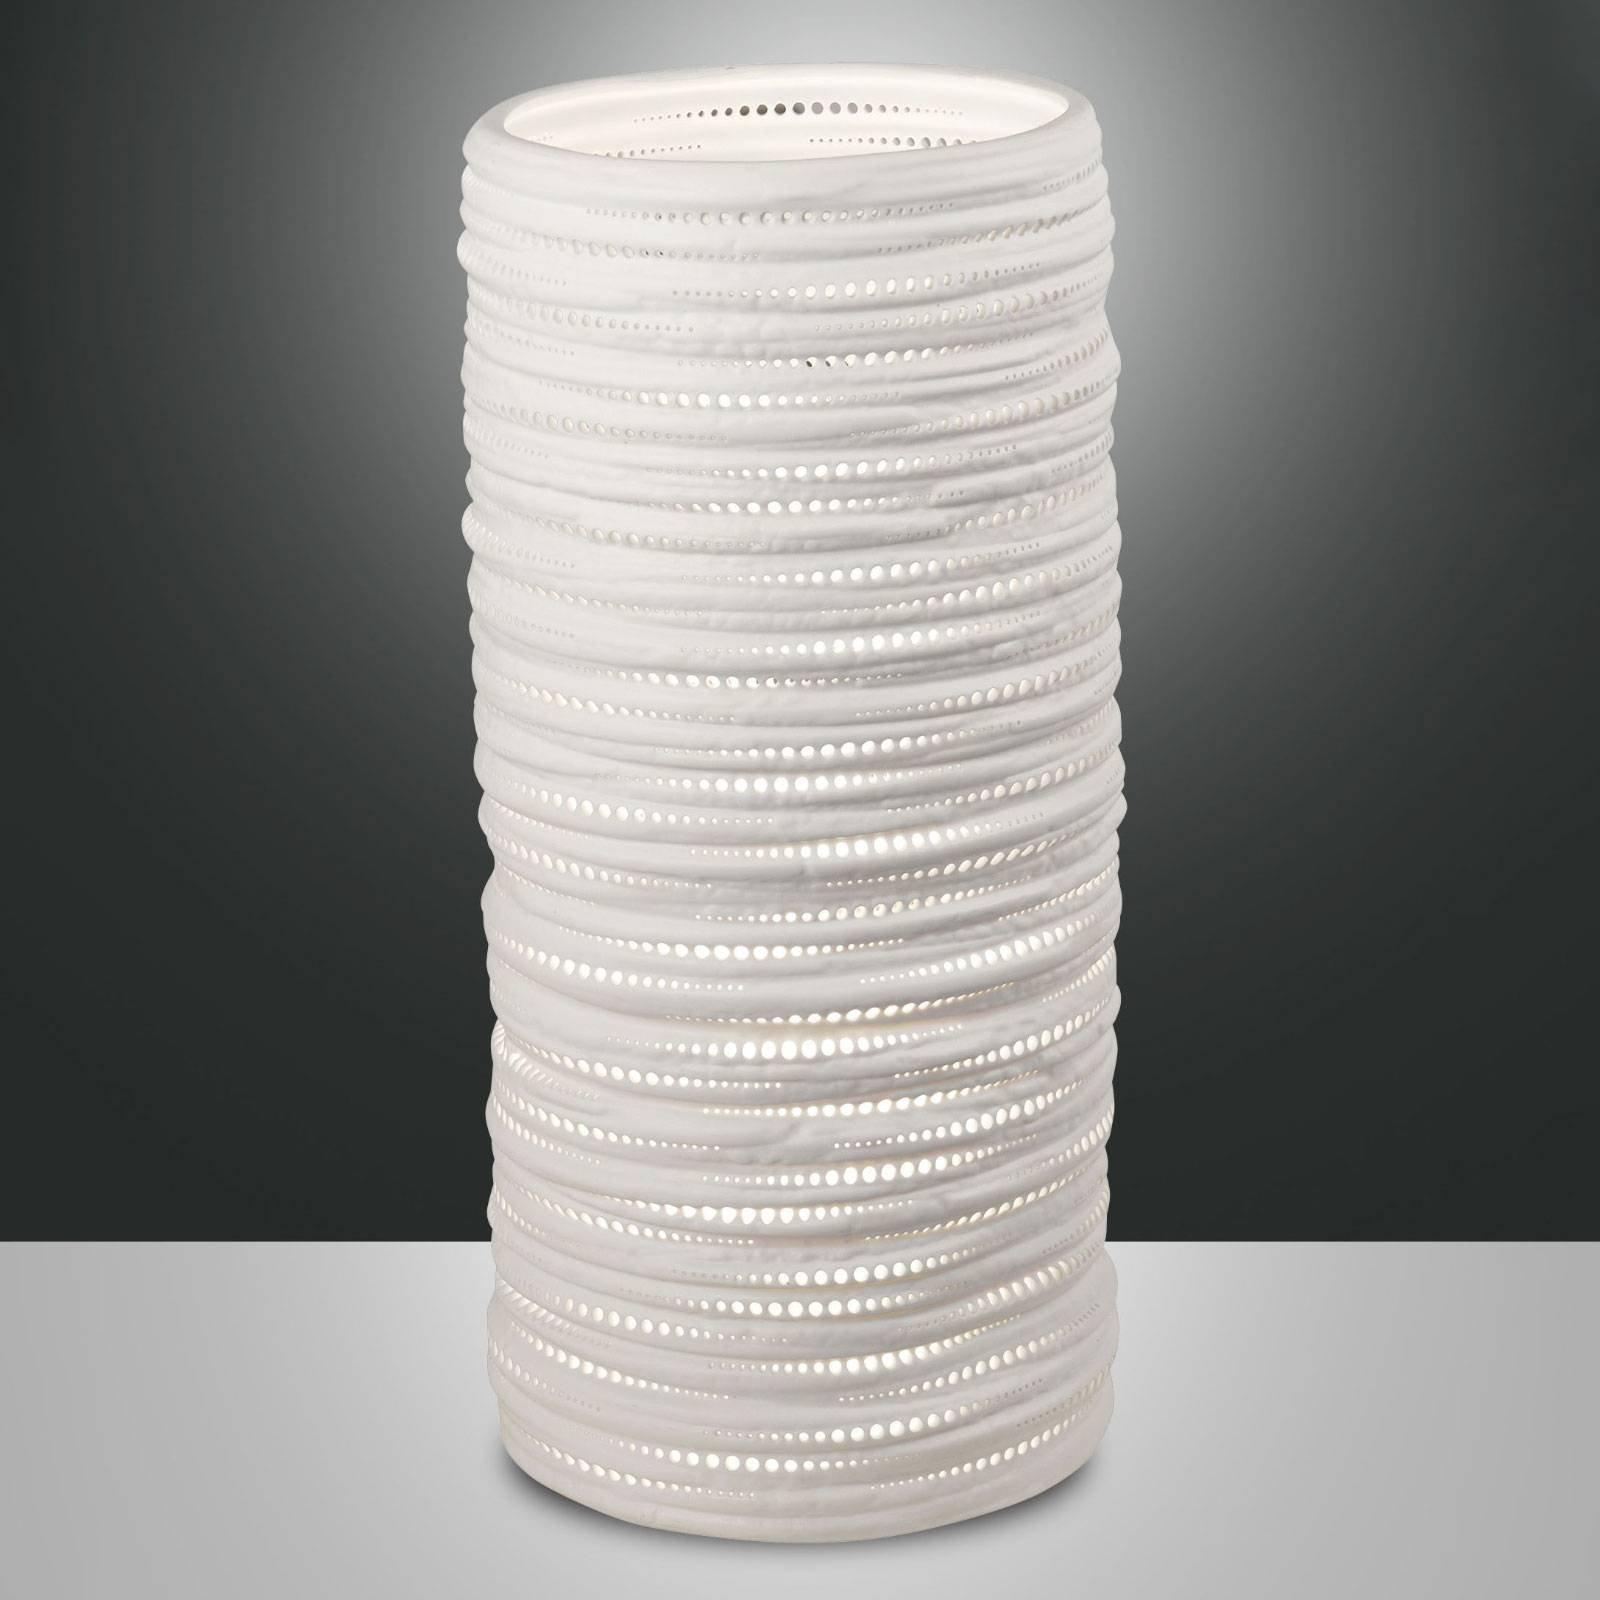 Bordlampe Marbella av keramikk, høyde 37 cm